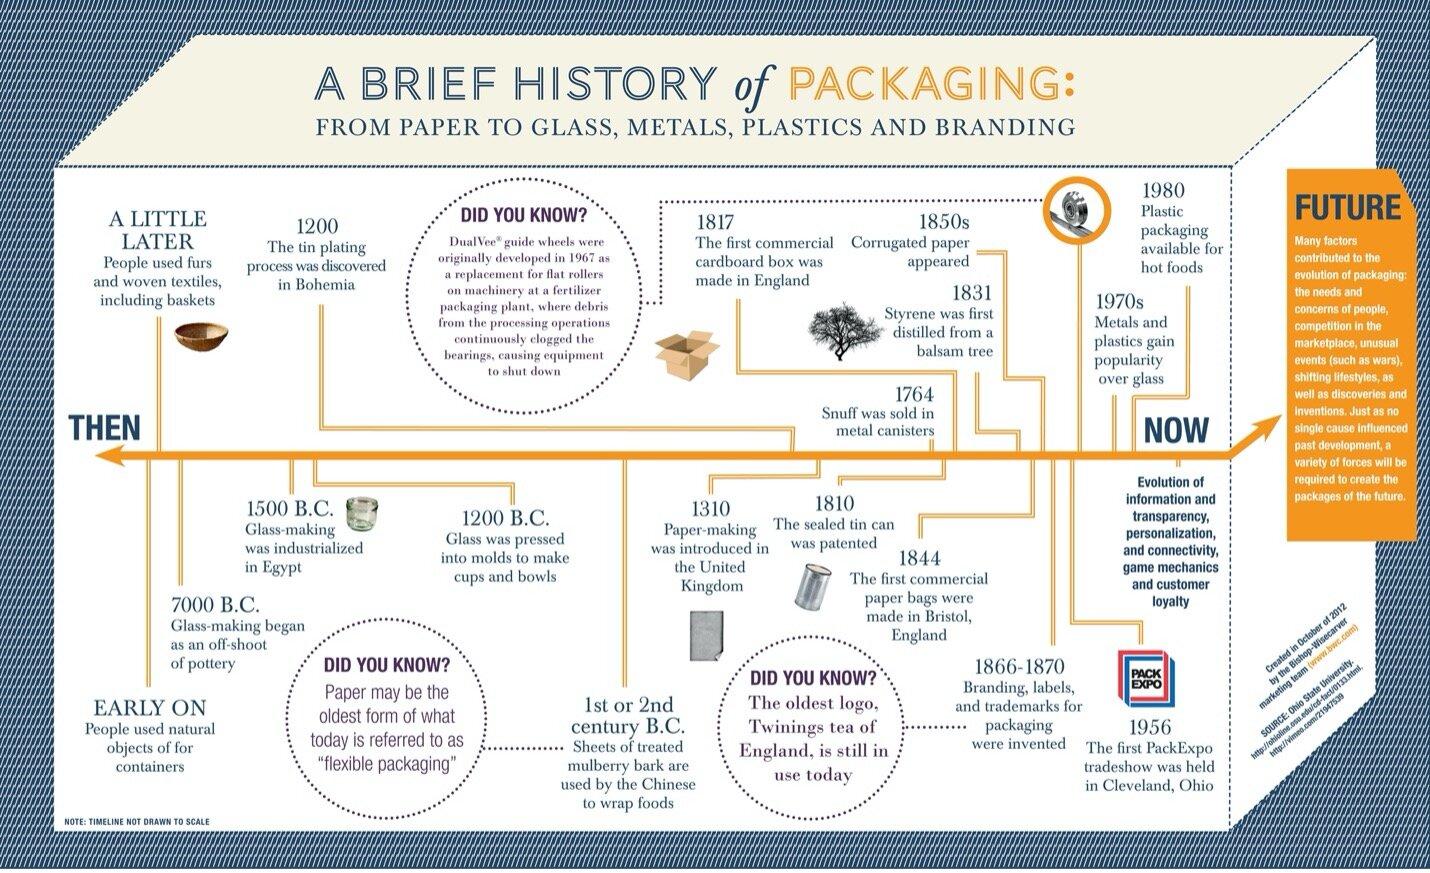 History_of_Packaging.jpg